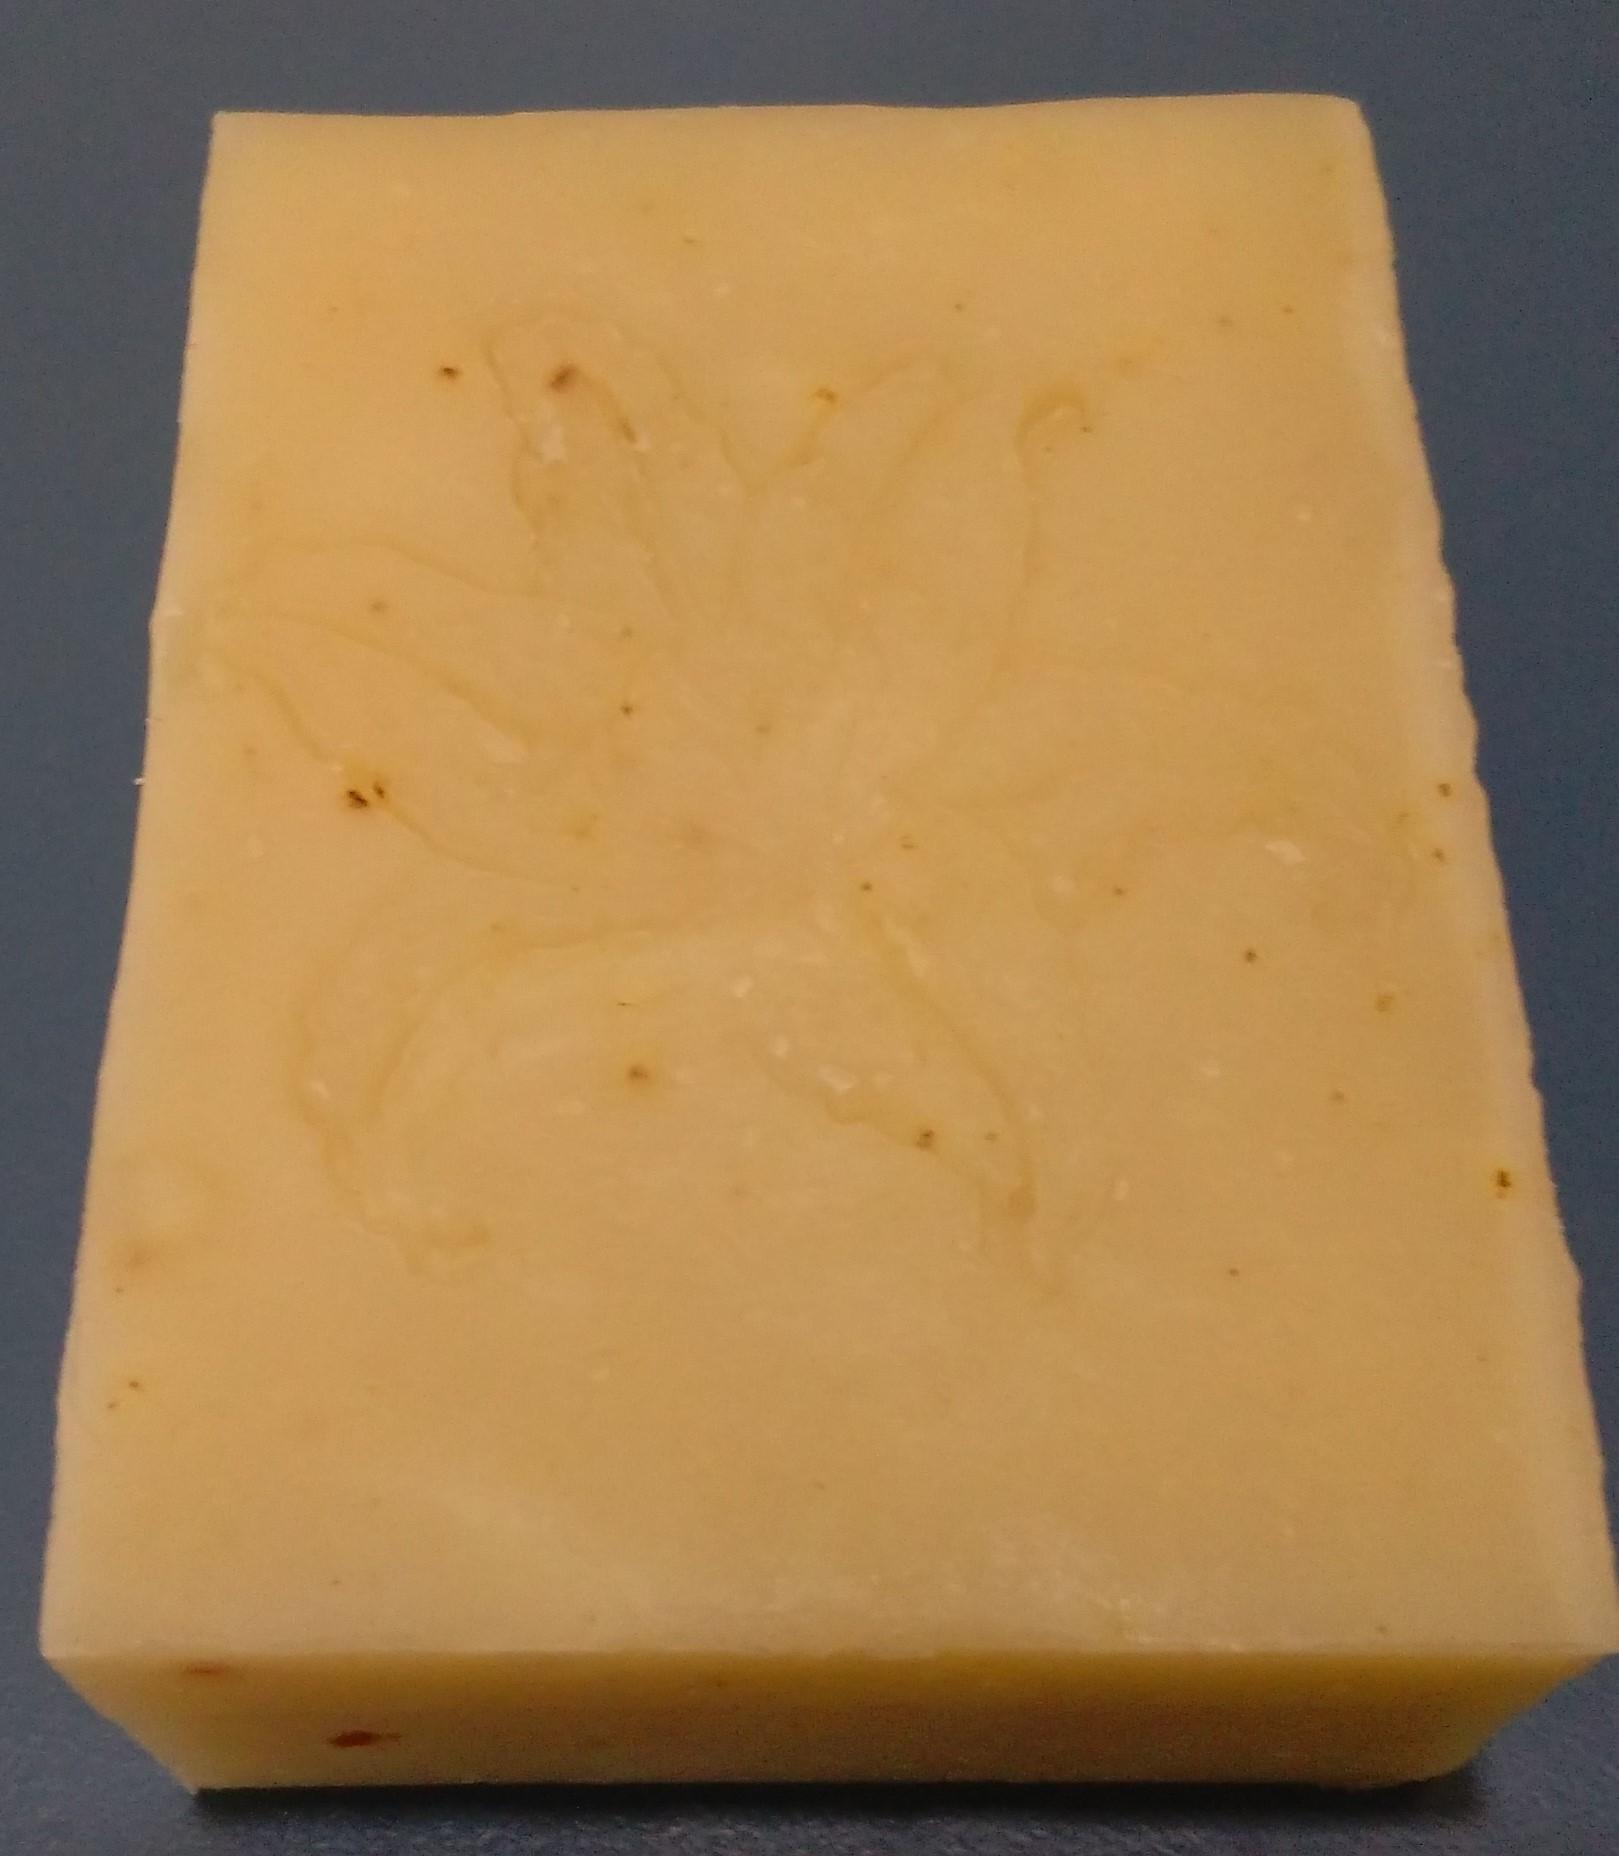 CGP soap